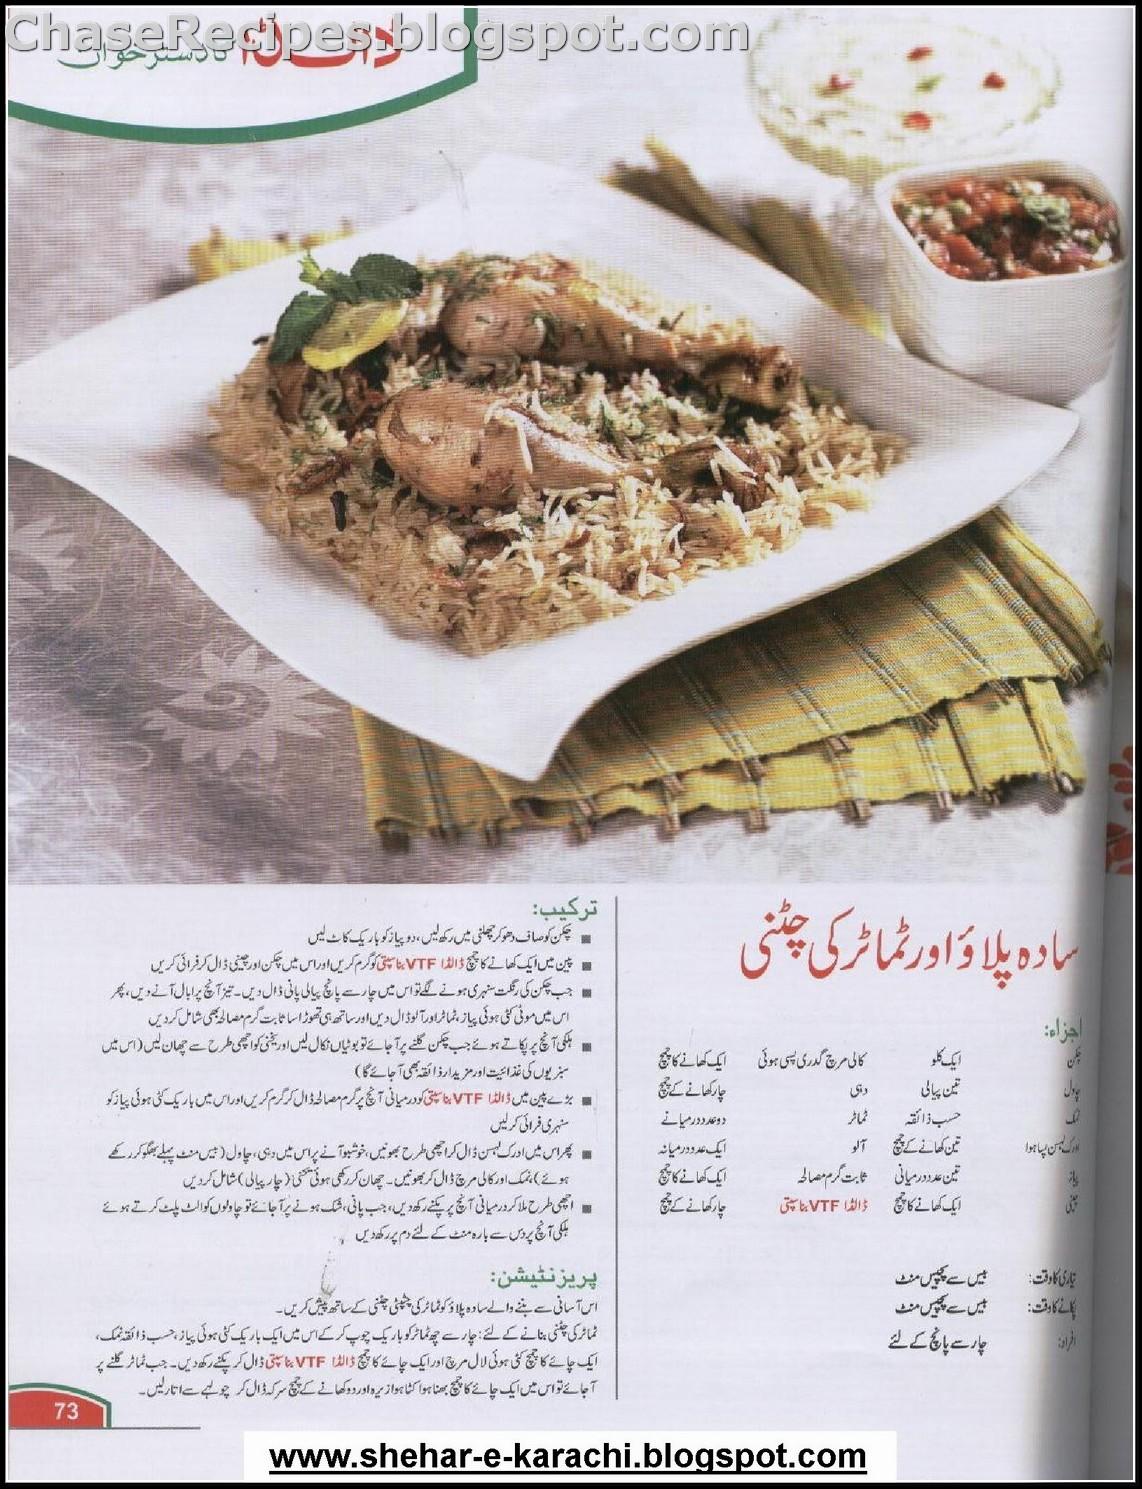 Sada pulao aur tamatar ki chatni recipe by dalda in urduhindi sada pulao aur tamatar ki chatni recipe by dalda in urduhindi forumfinder Gallery